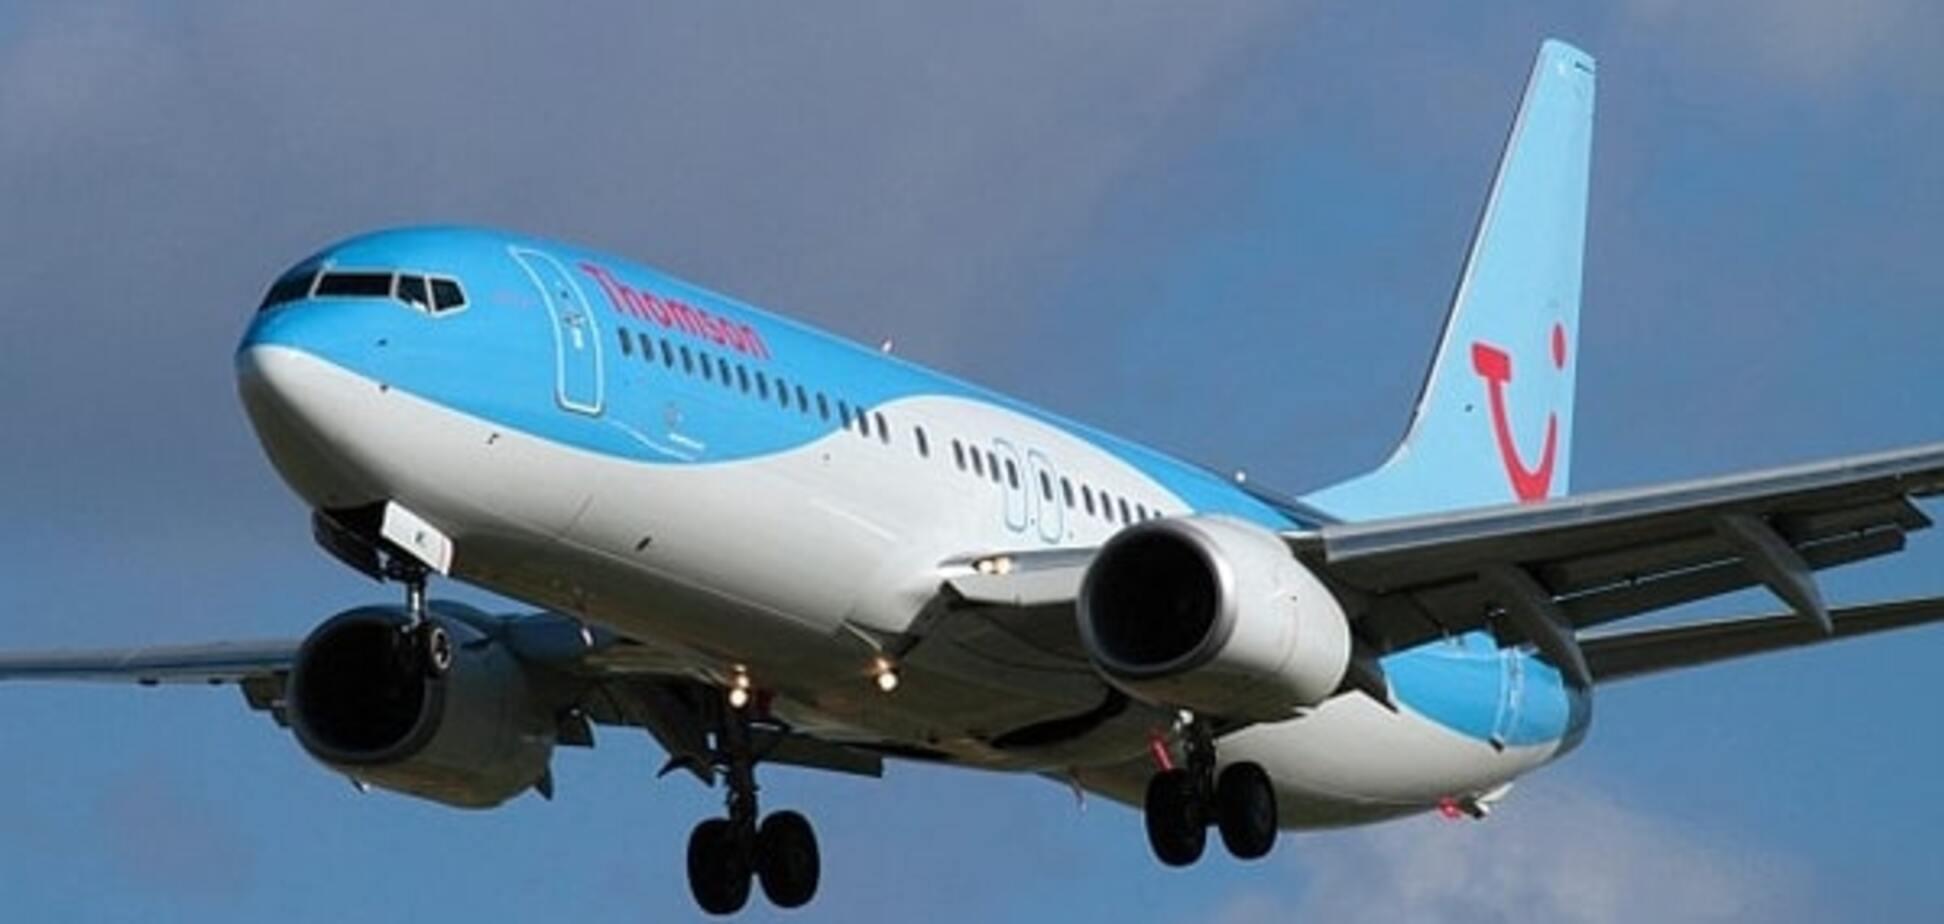 У Єгипті мало не збили ракетою пасажирський літак з Лондона - The Daily Mail